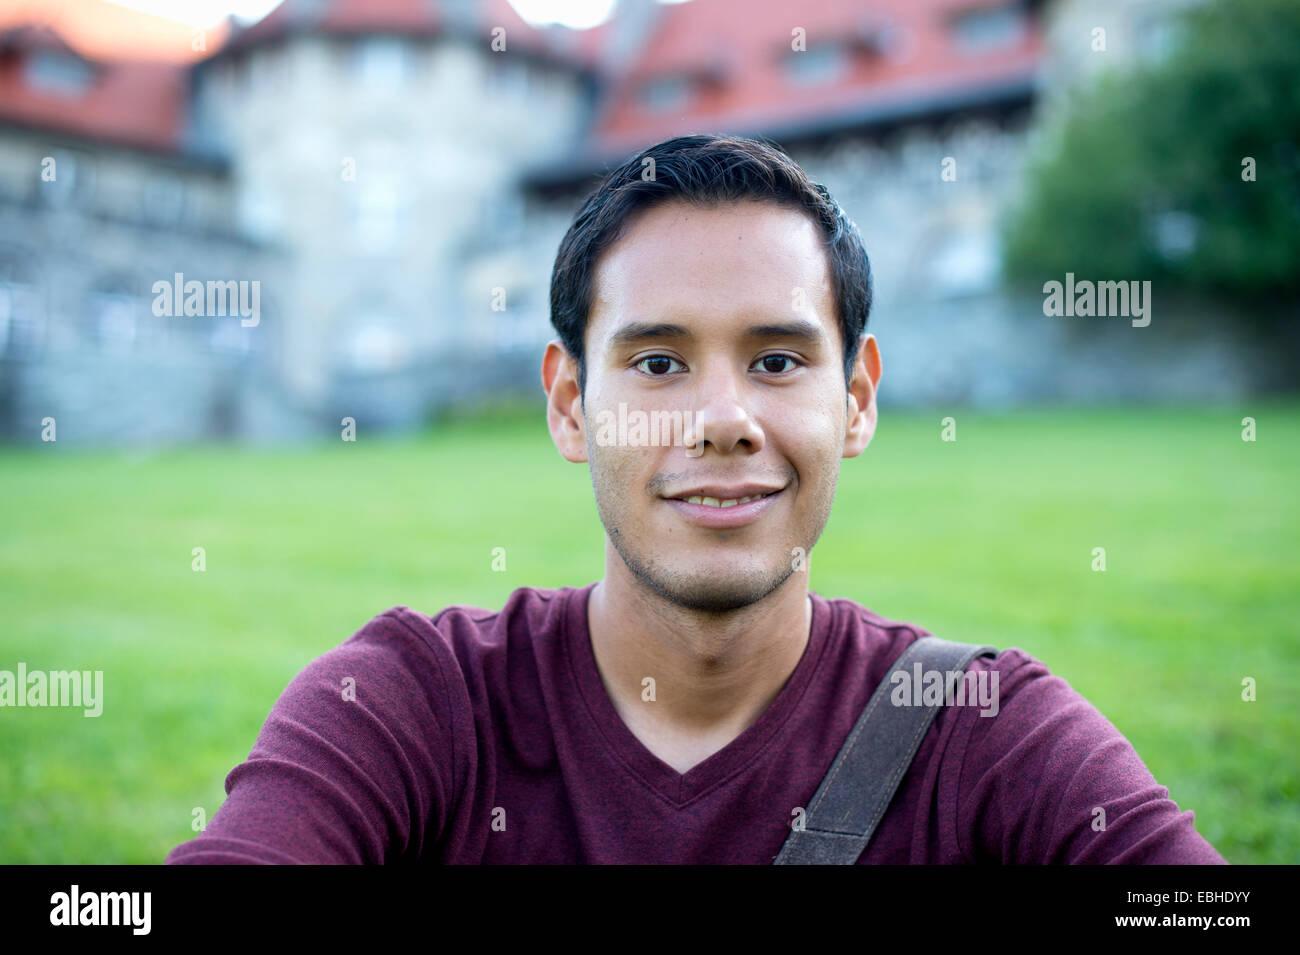 Cabeza y hombros retrato de un hombre joven Imagen De Stock